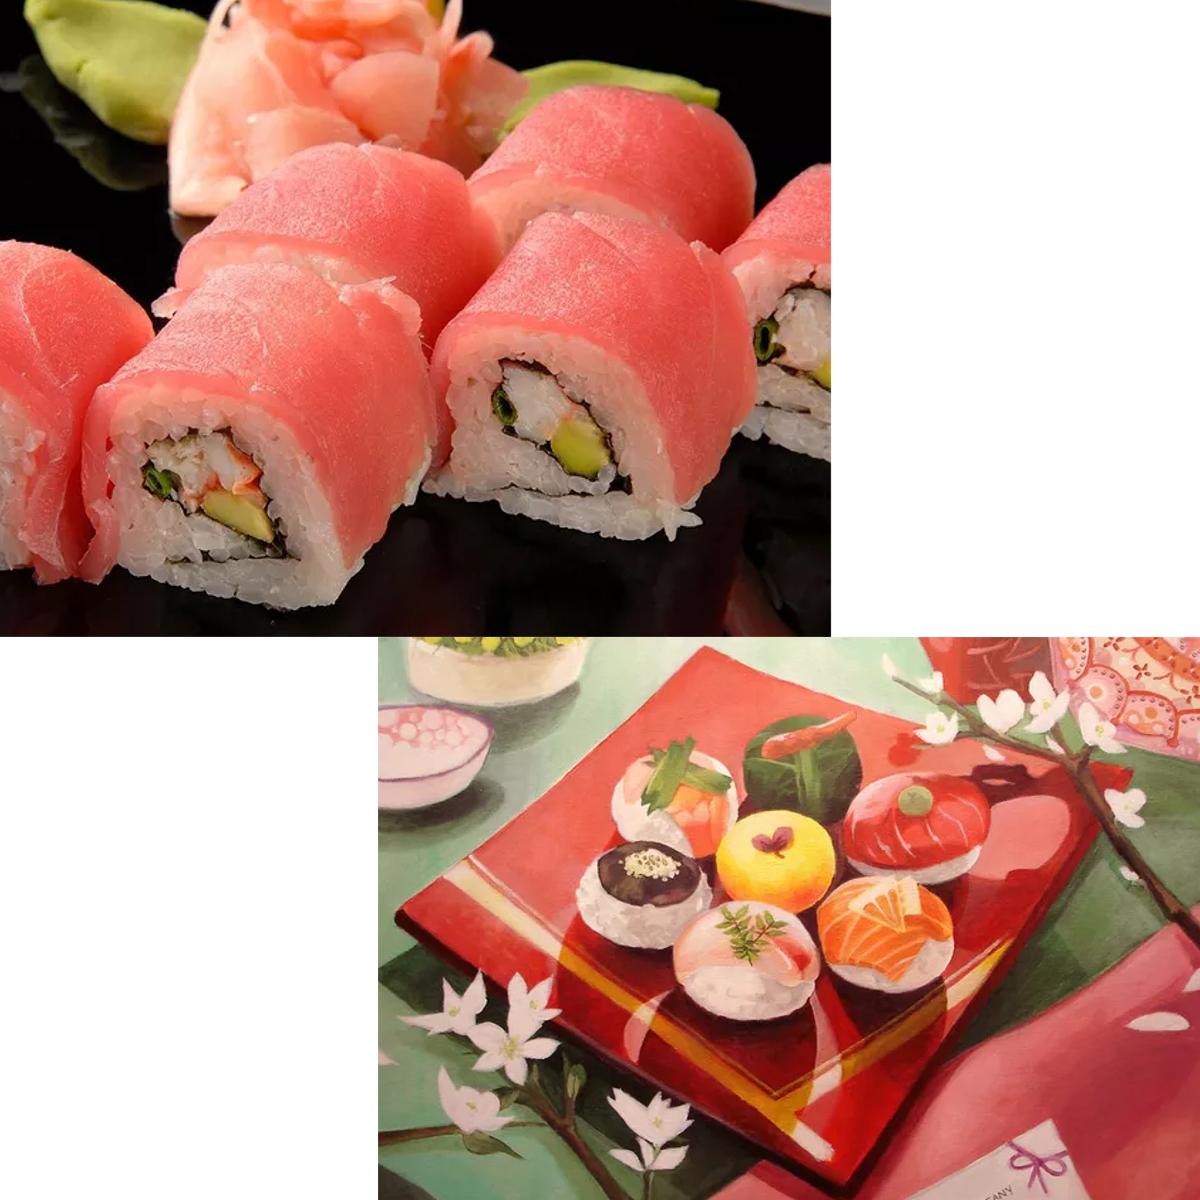 Кухонные ножи и прочие приборы Горячие 9pcs / set sushi roller bamboo mat spoon палочки для приготовления пищи (Фото 3)